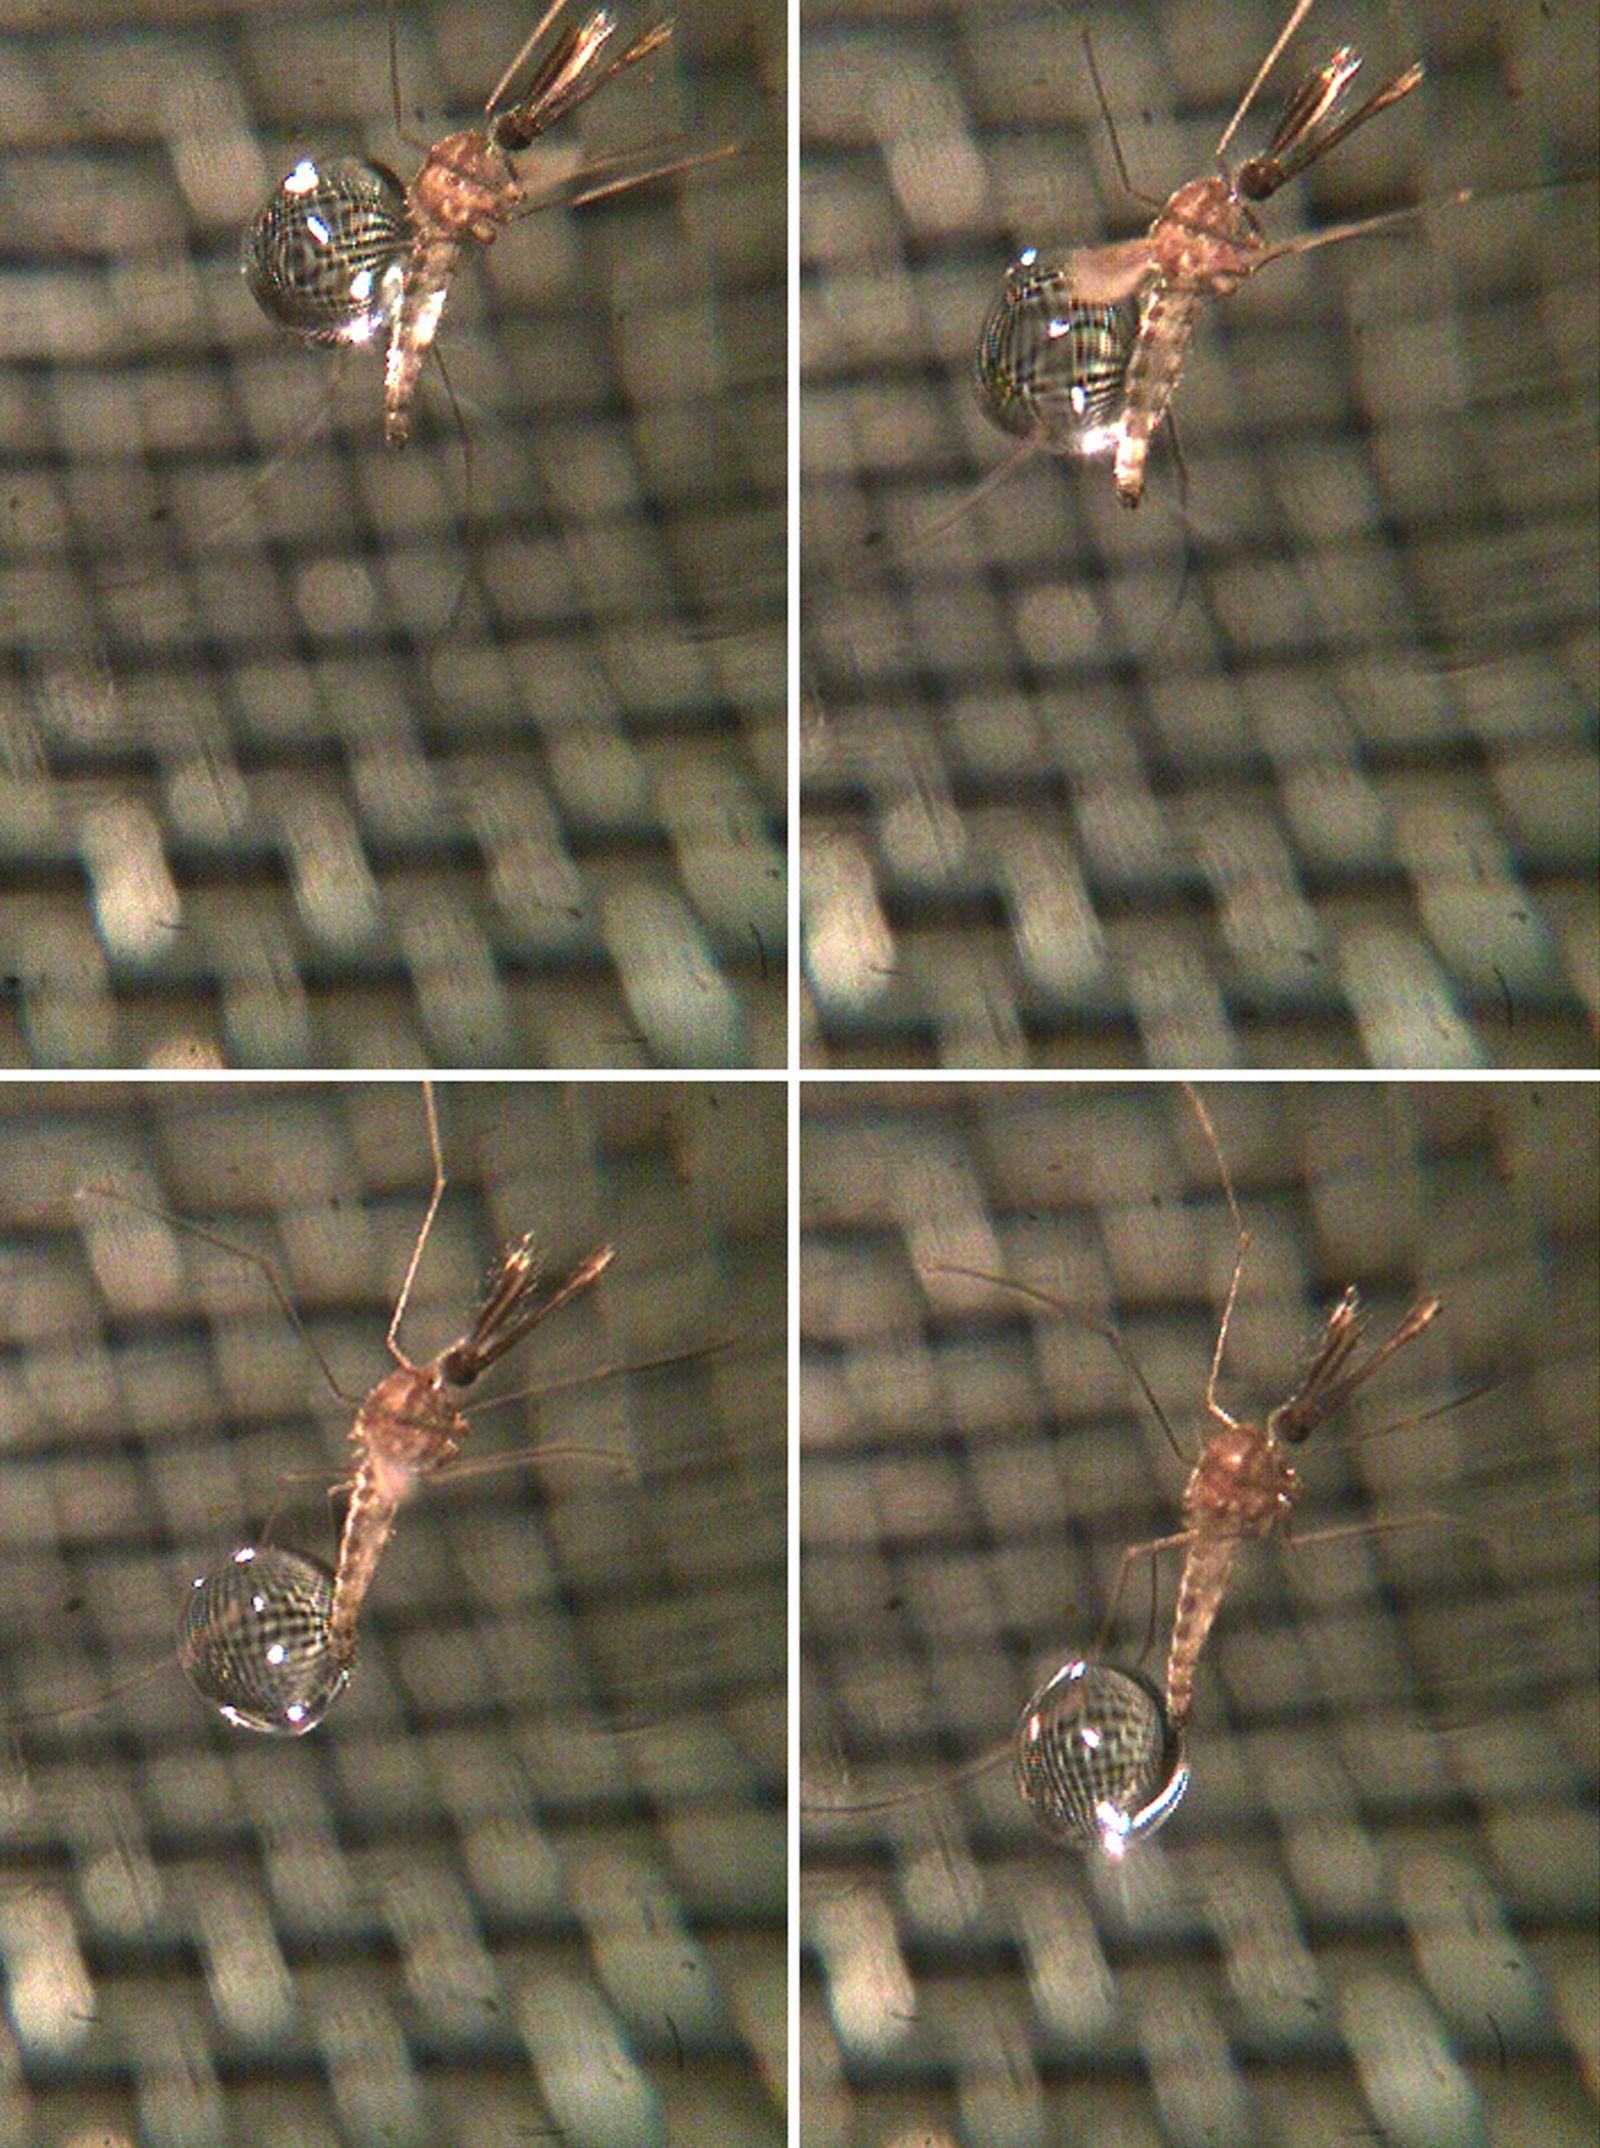 Stechmücken trotzen im Regen extremen Krafteinwirkungen